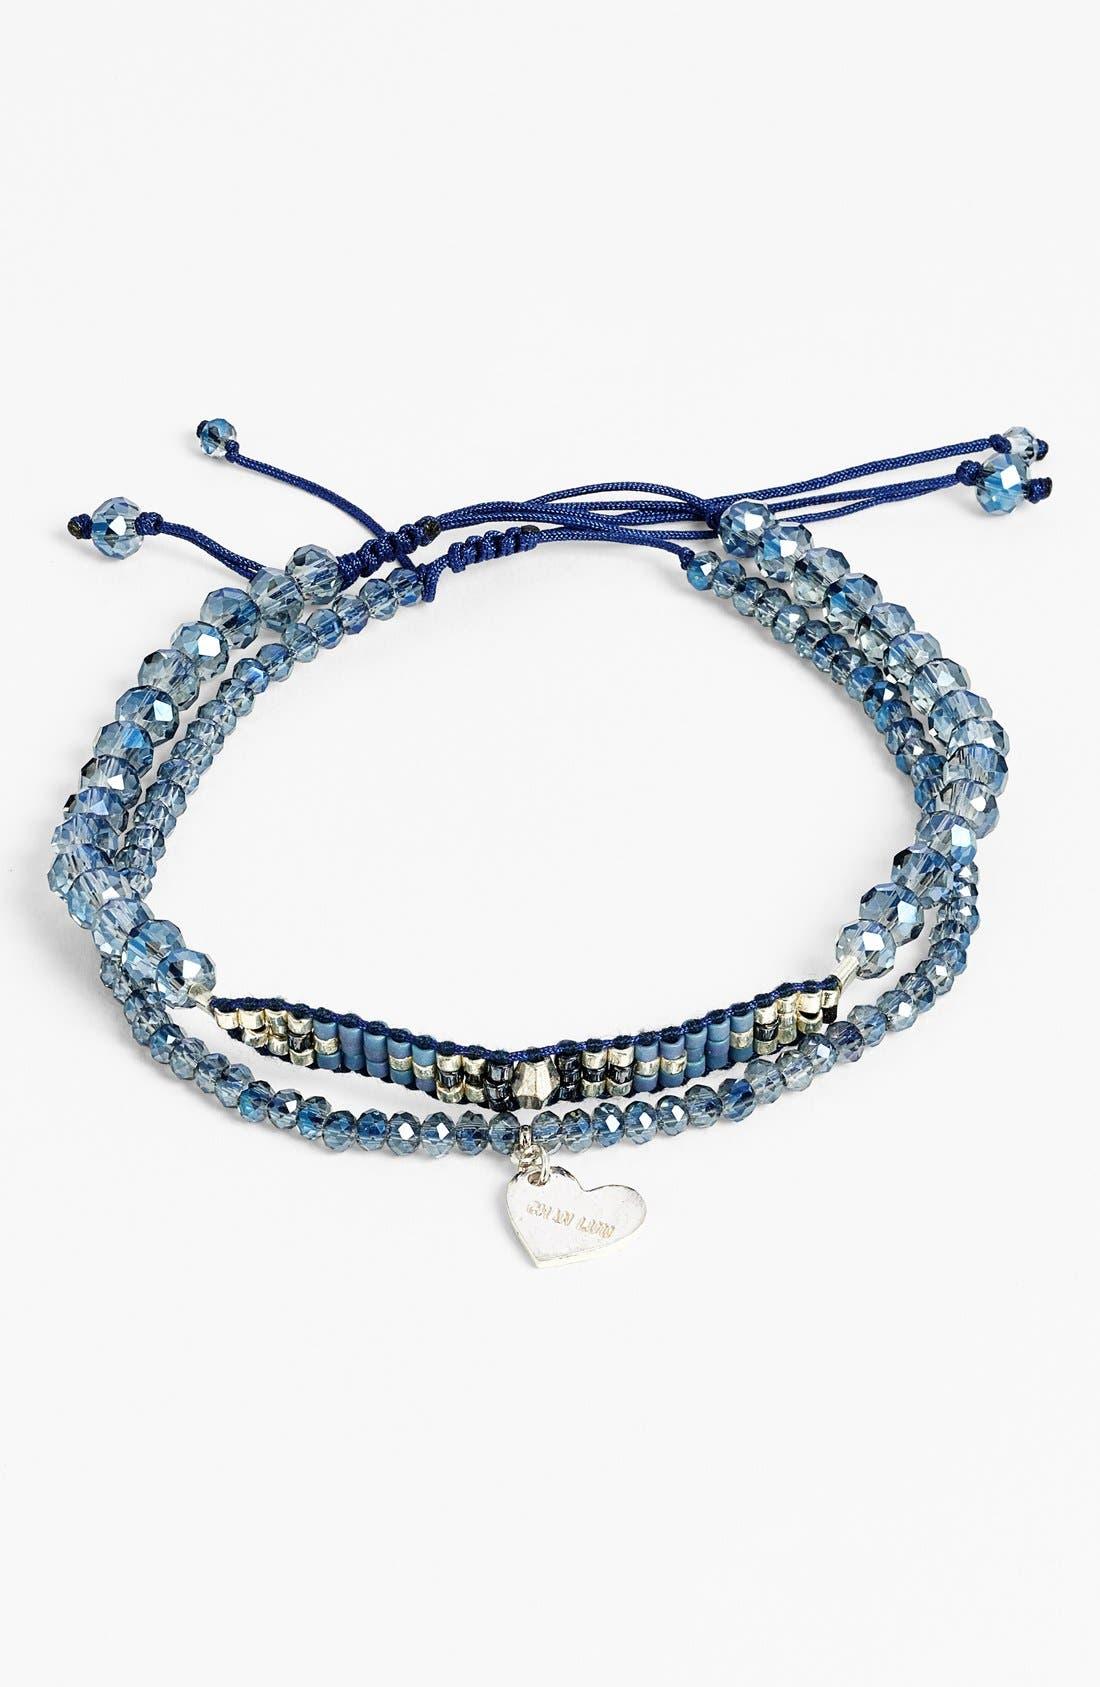 Main Image - Chan Luu Beaded Adjustable Bracelets (Set of 2)